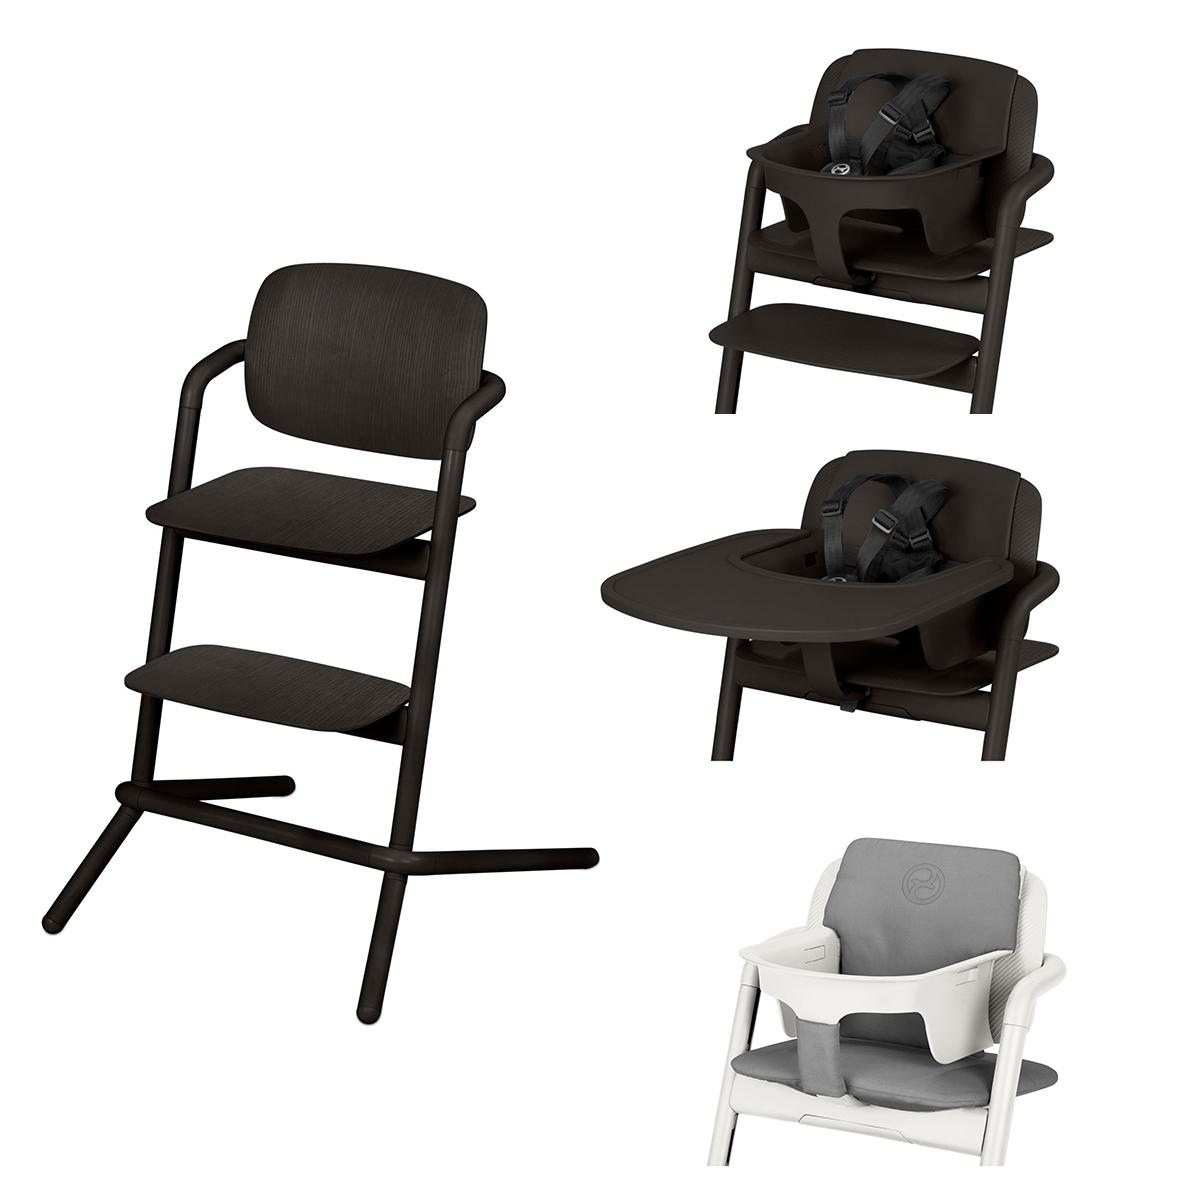 Chaise haute Chaise Haute Lemo Bois Complète - Infinity Black